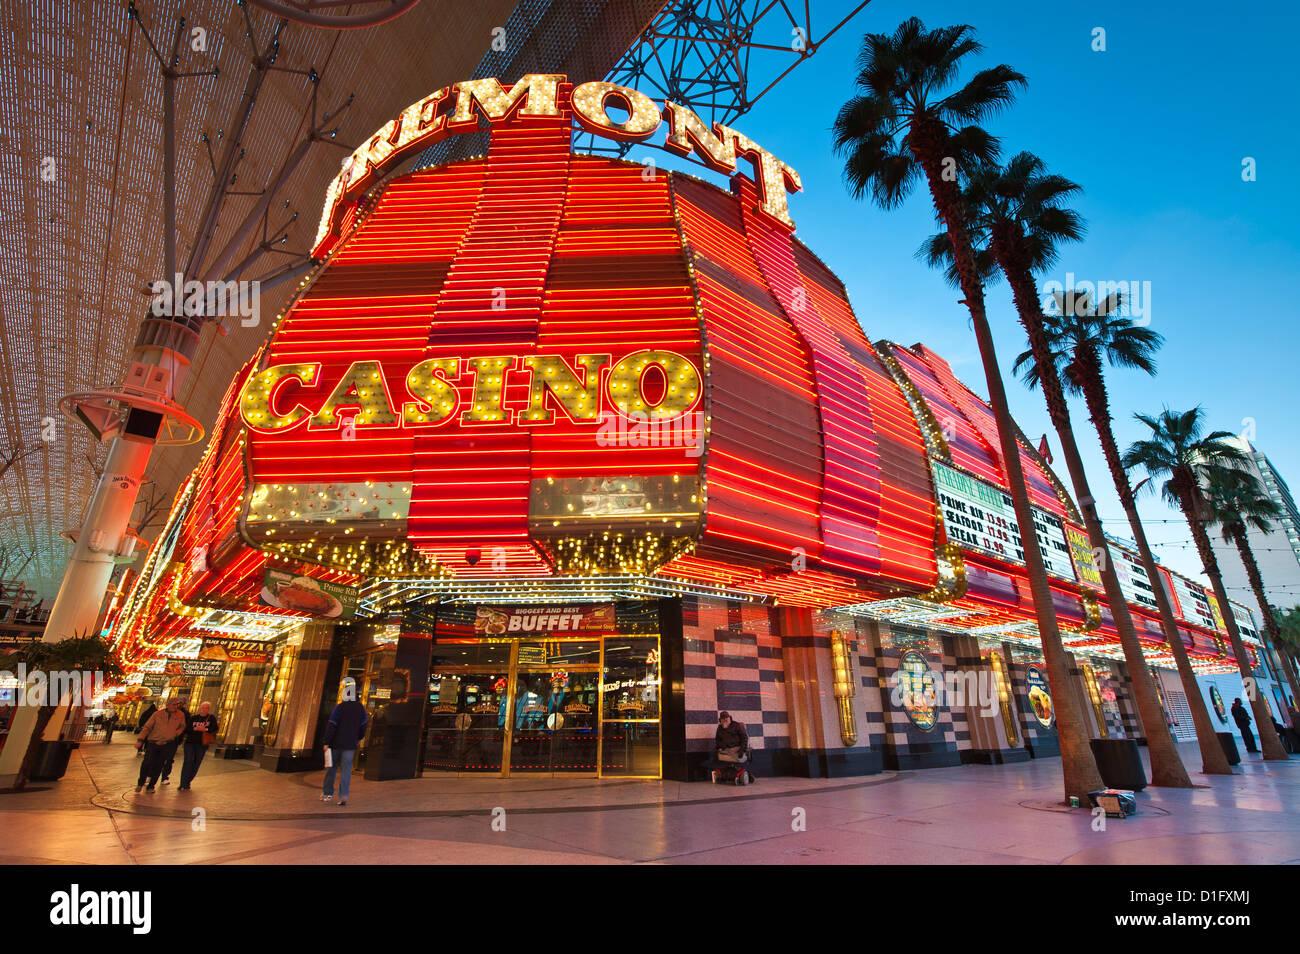 Fremont Casino et de la Fremont Street Experience, Las Vegas, Nevada, États-Unis d'Amérique, Amérique Photo Stock